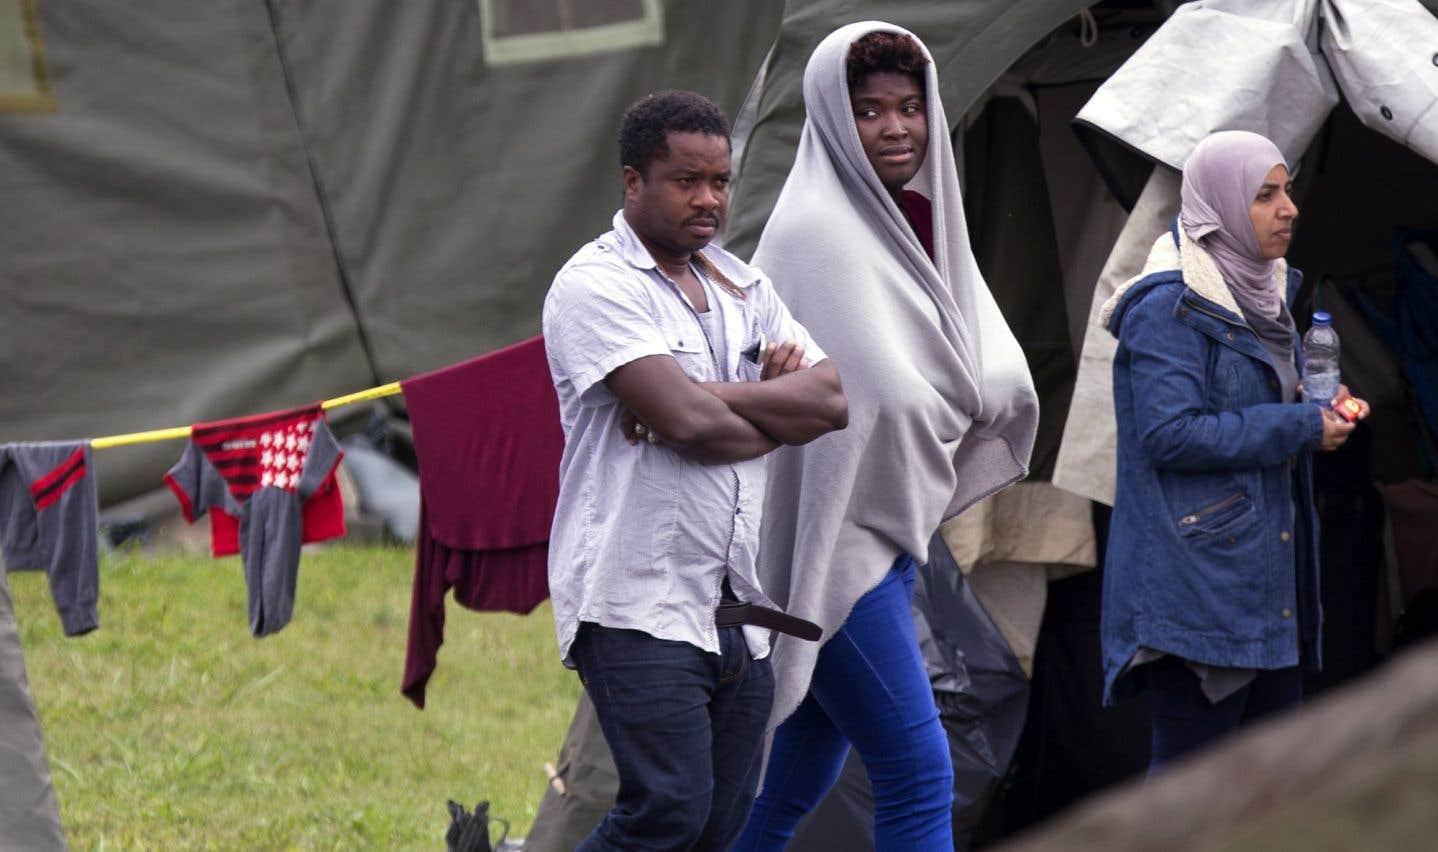 Des règles assouplies pour les demandeurs d'asile